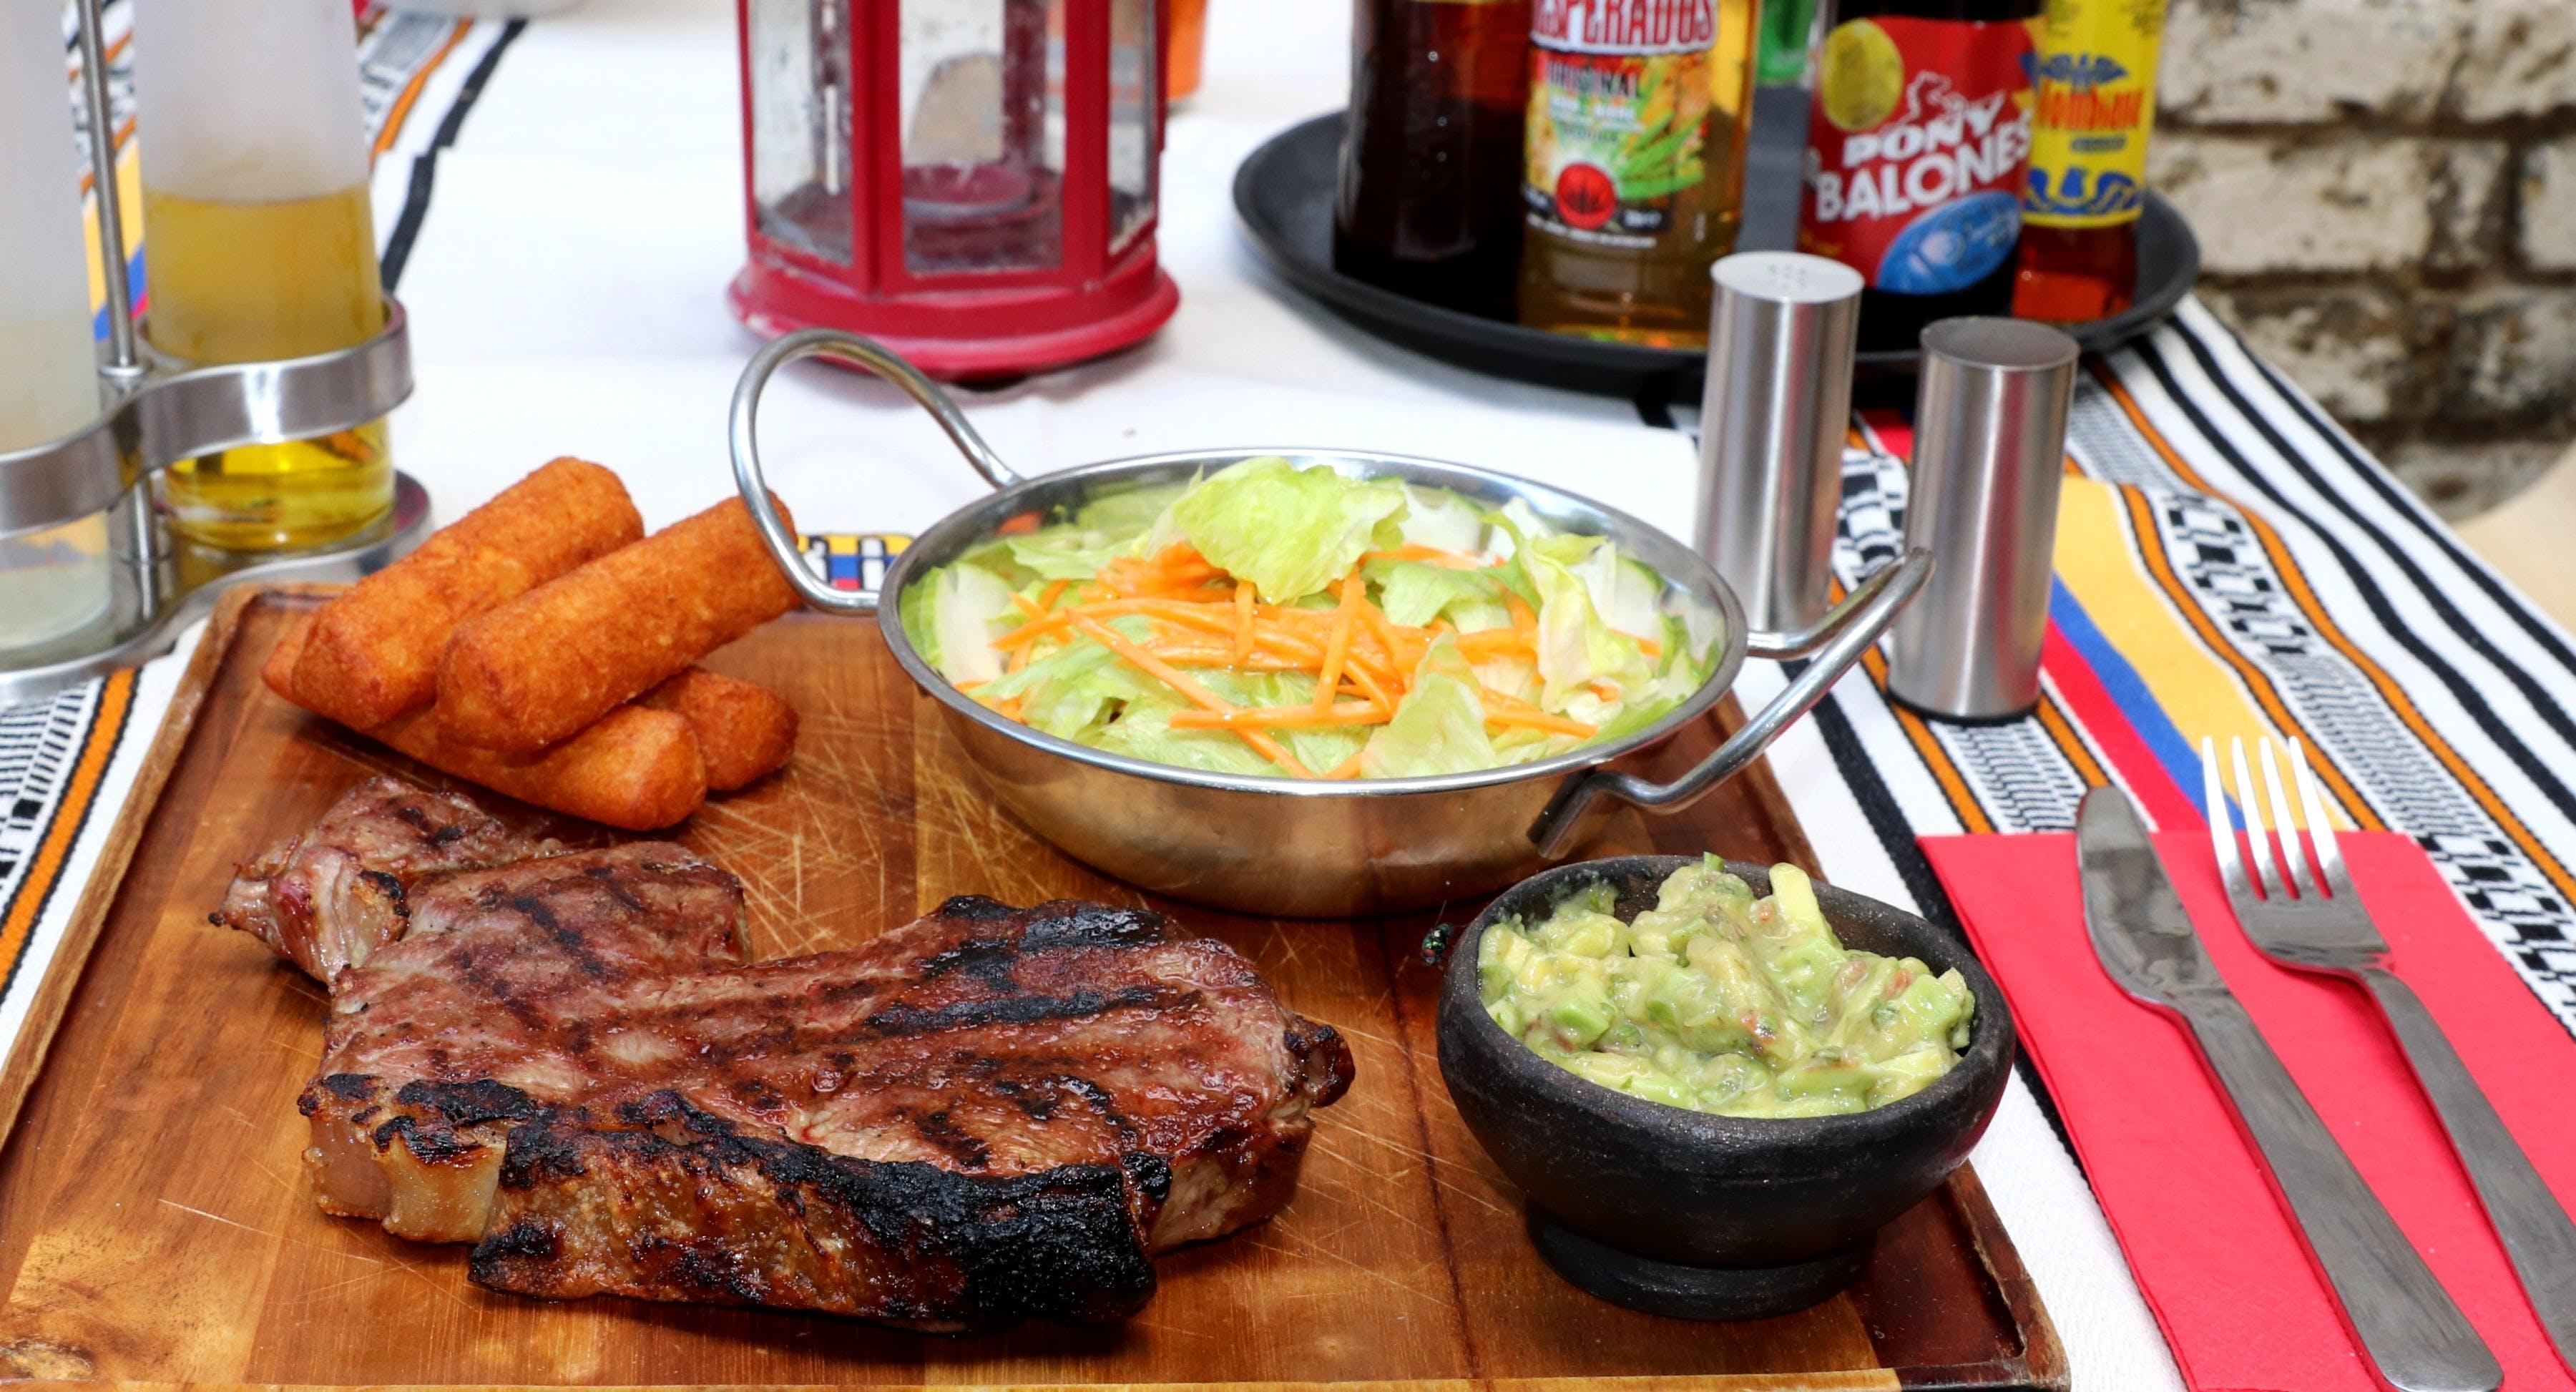 Amigos Mediterranean Restaurant